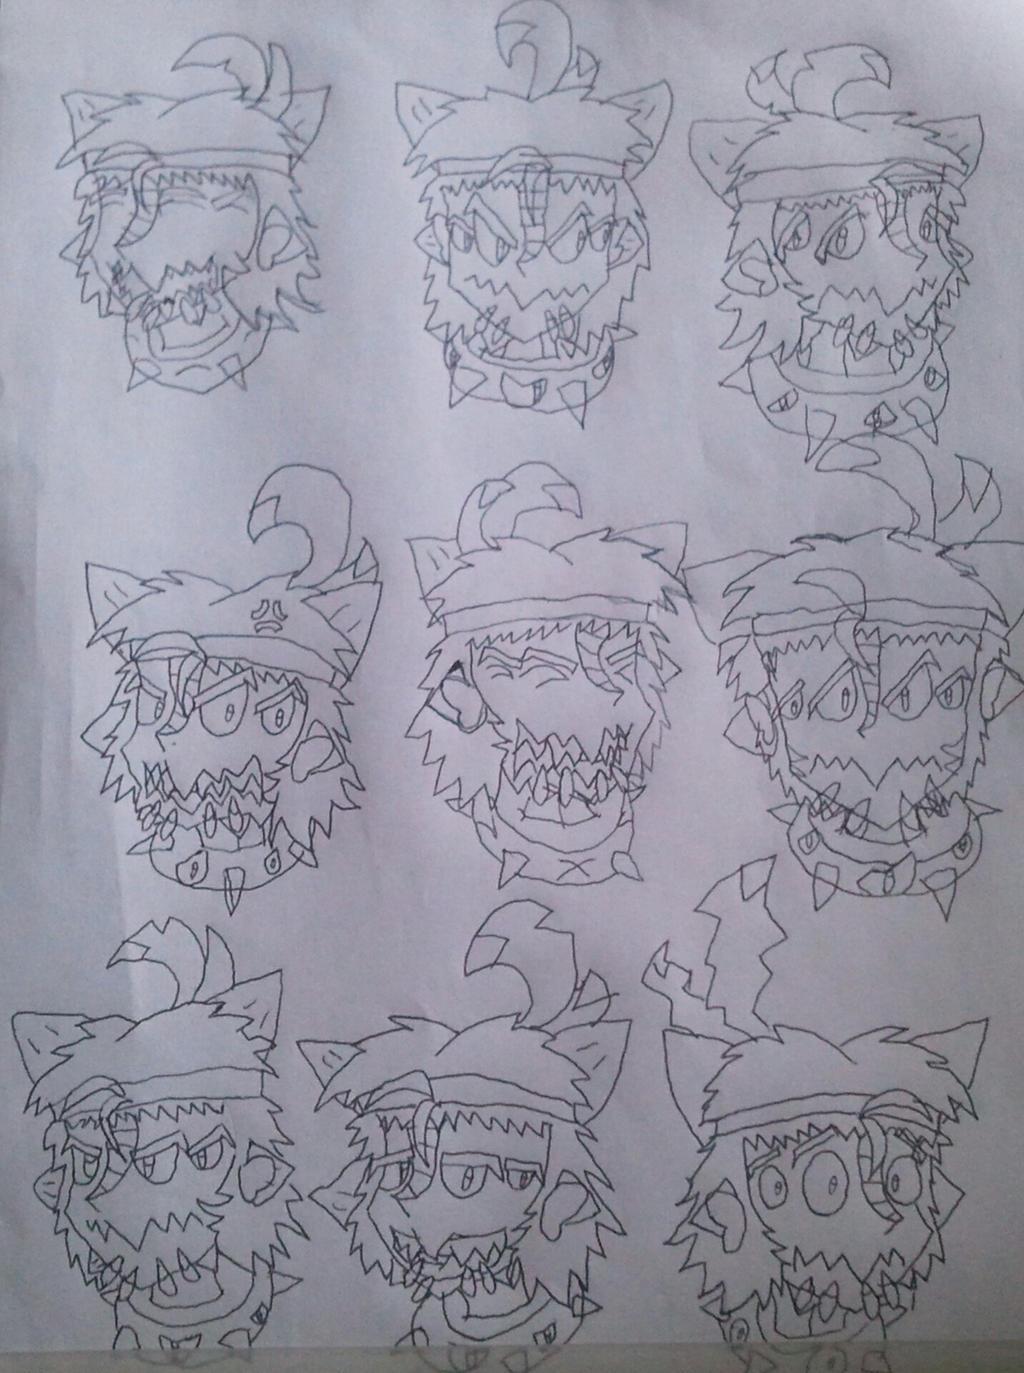 More Benorian doodles! by BenorianHardback26